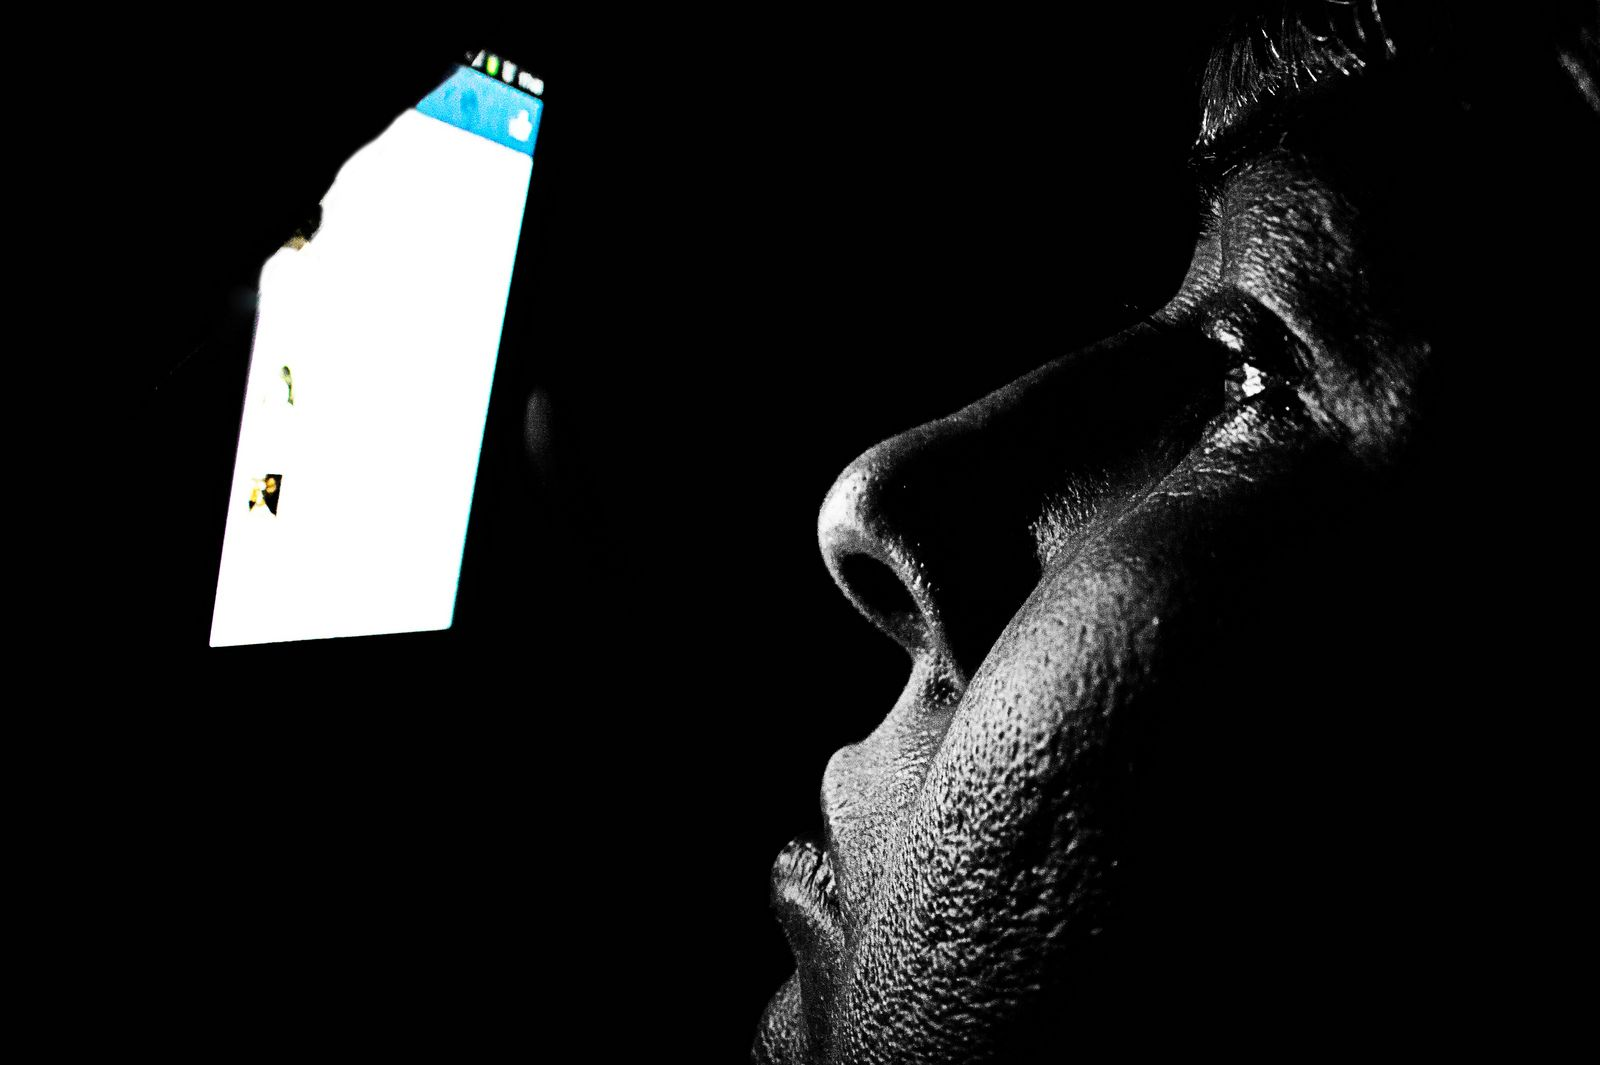 ¿Es cierto que usar el móvil en la cama afecta al sueño? Responden los científicos